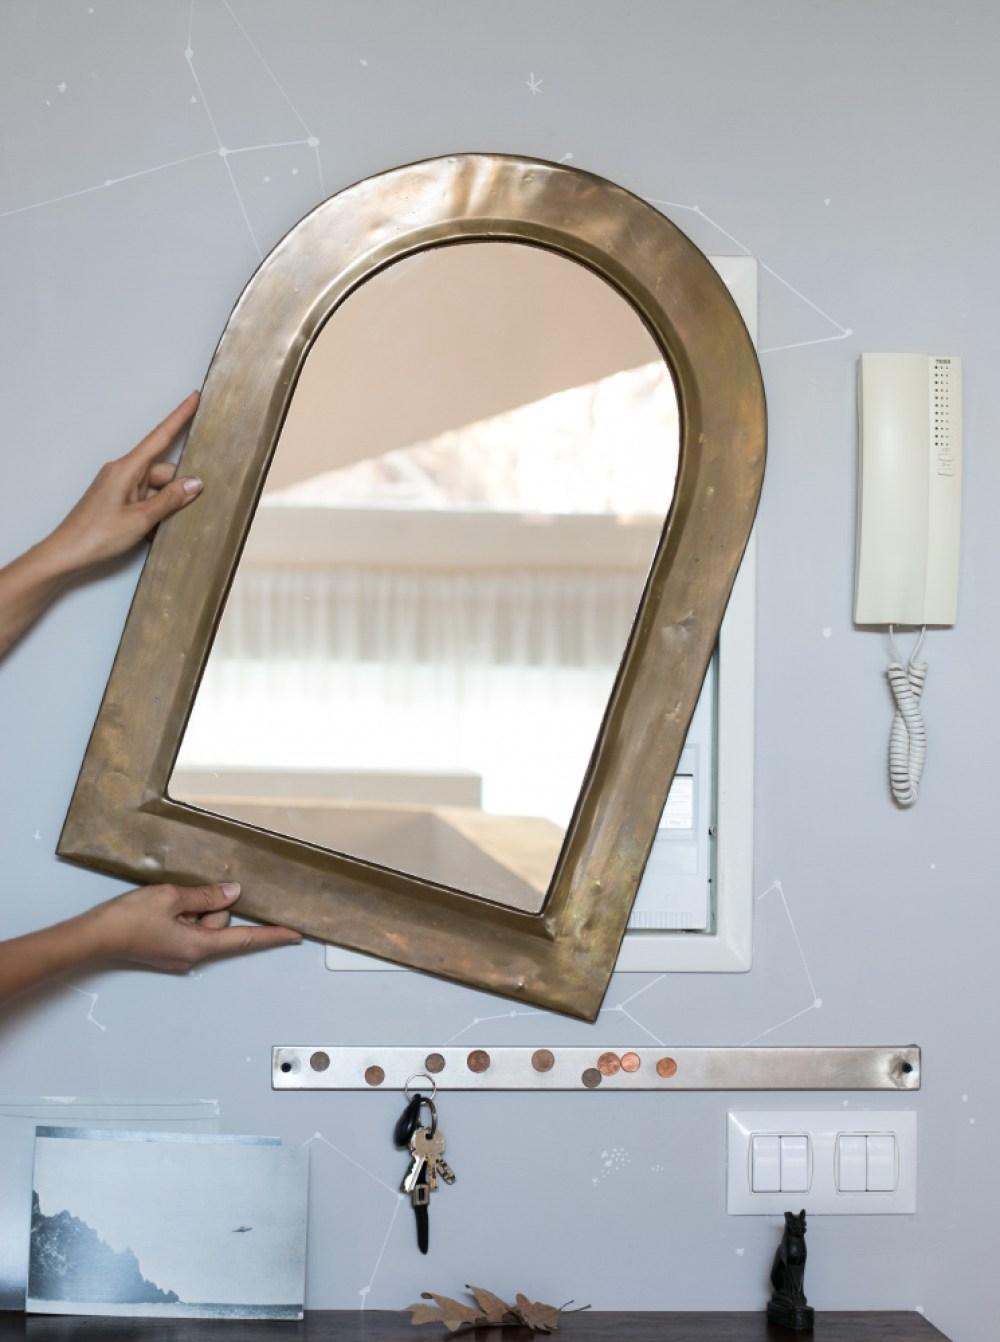 colocar un espejo para tapar el cuadro de la luz